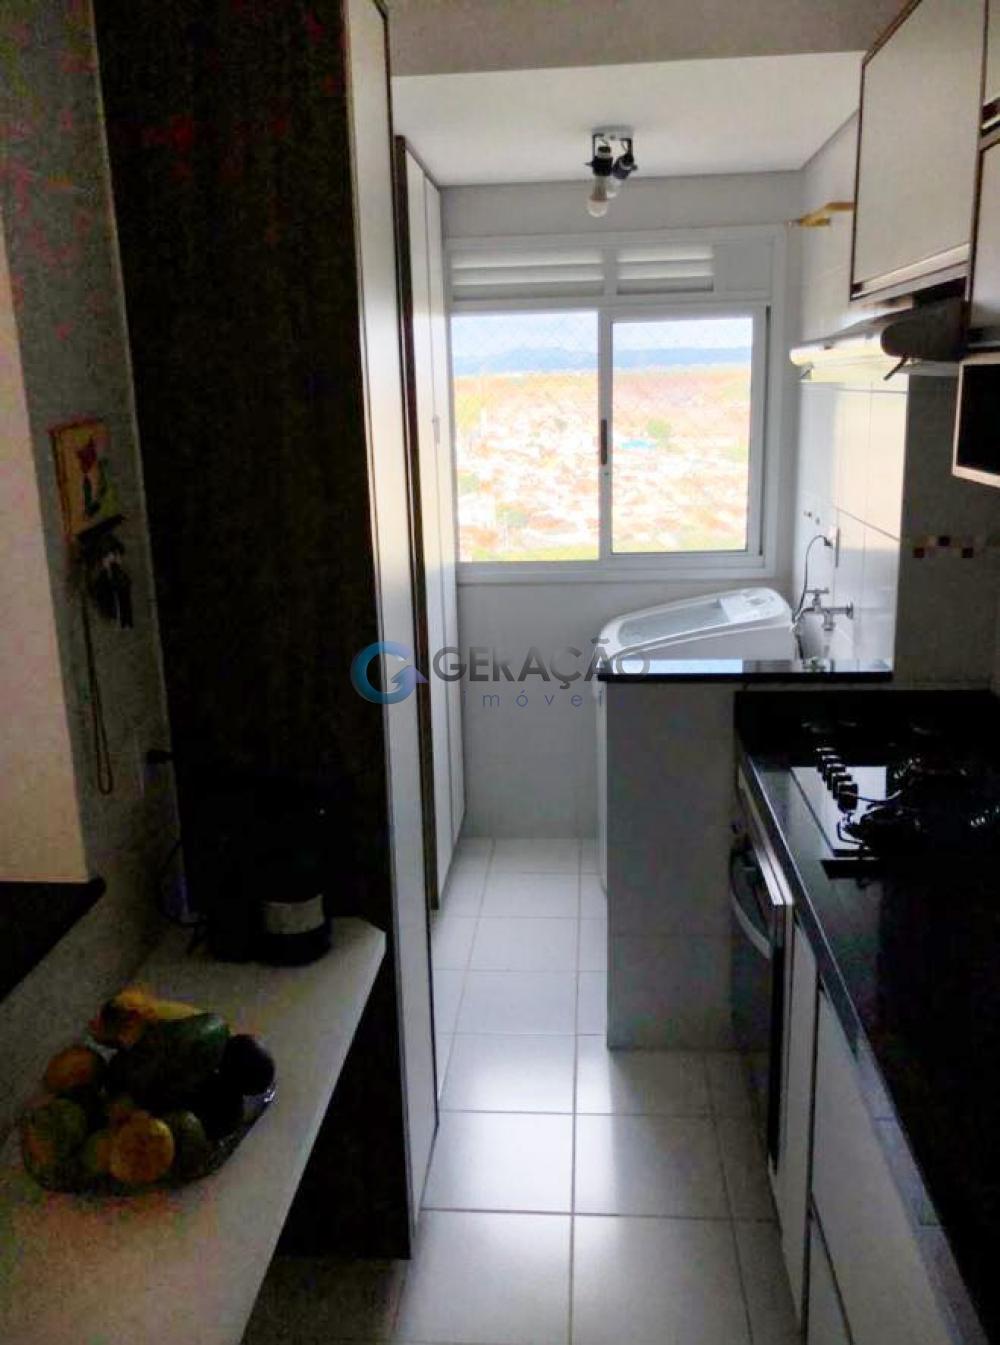 Comprar Apartamento / Padrão em São José dos Campos R$ 234.000,00 - Foto 5